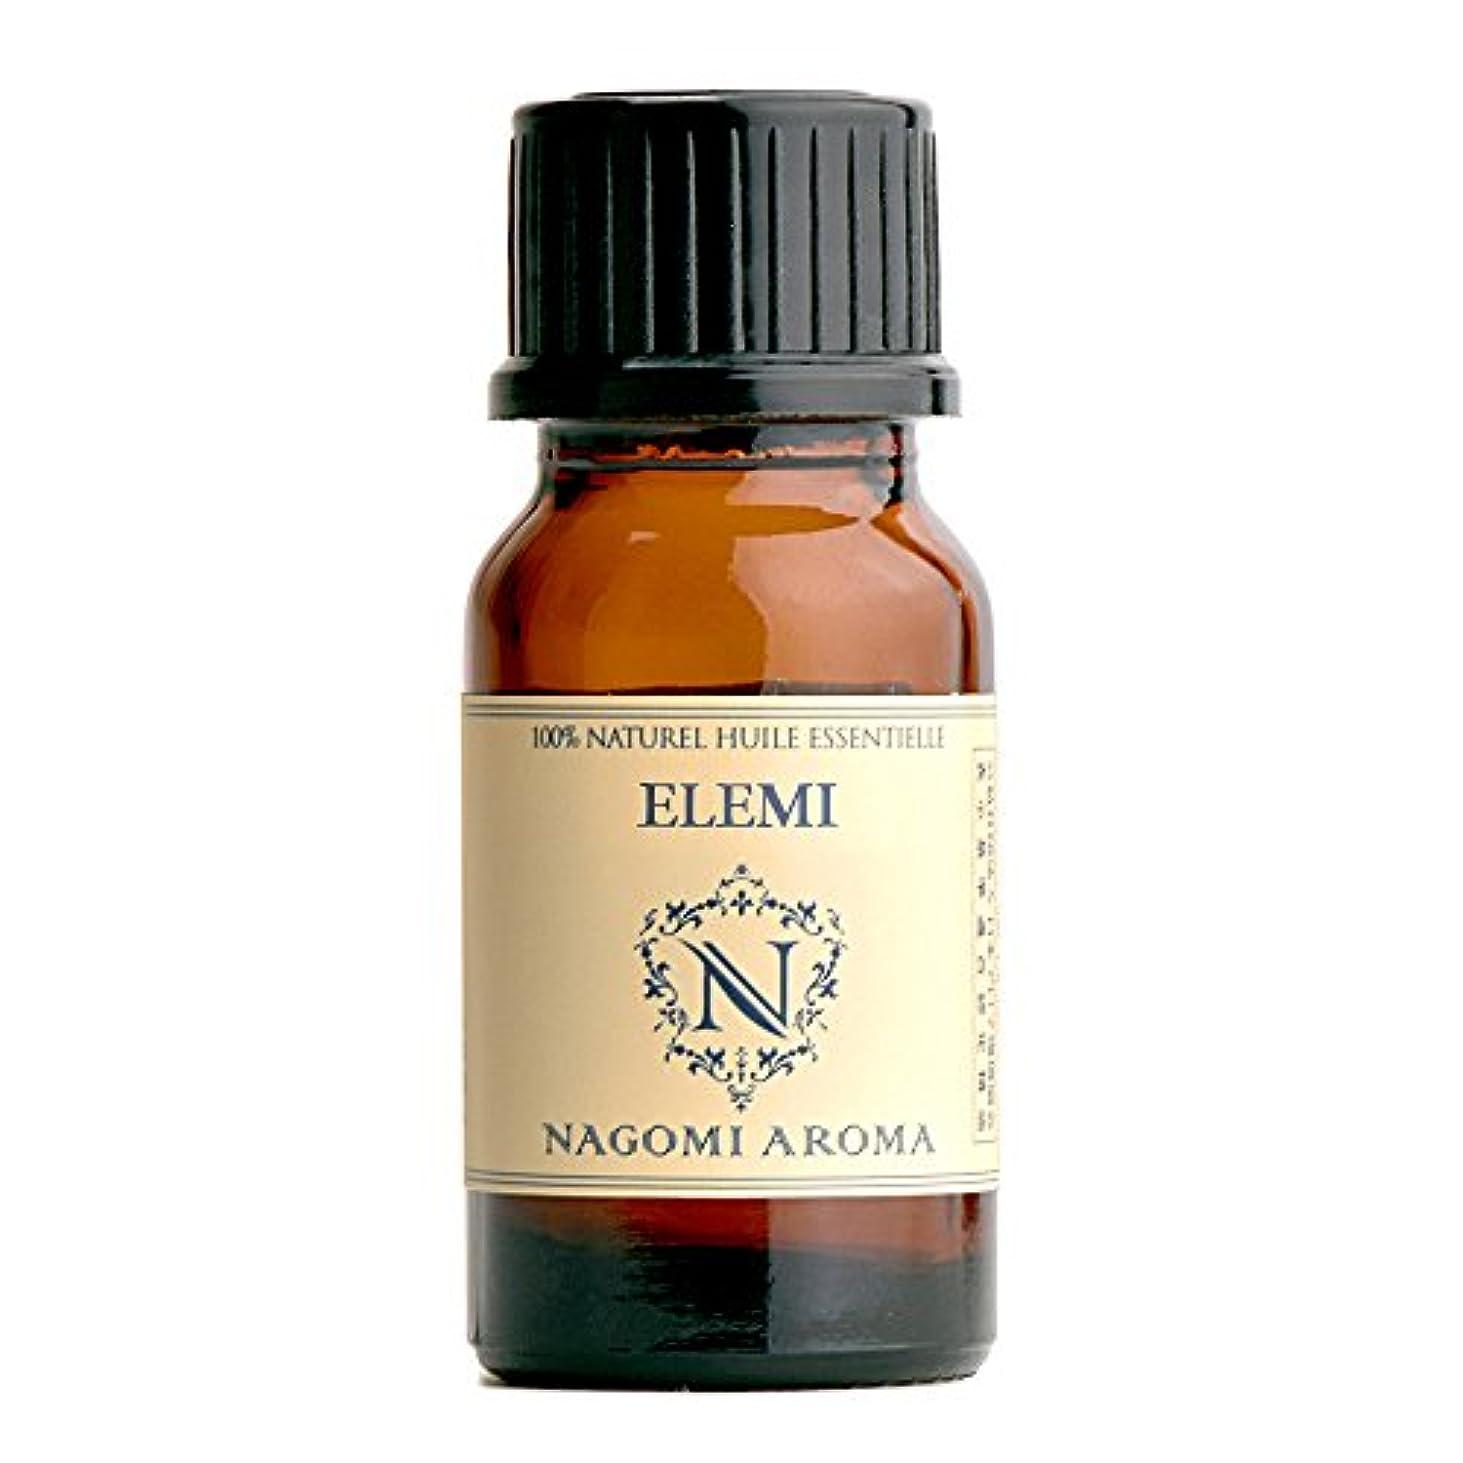 大胆能力かけがえのないNAGOMI AROMA エレミ 10ml 【AEAJ認定精油】【アロマオイル】